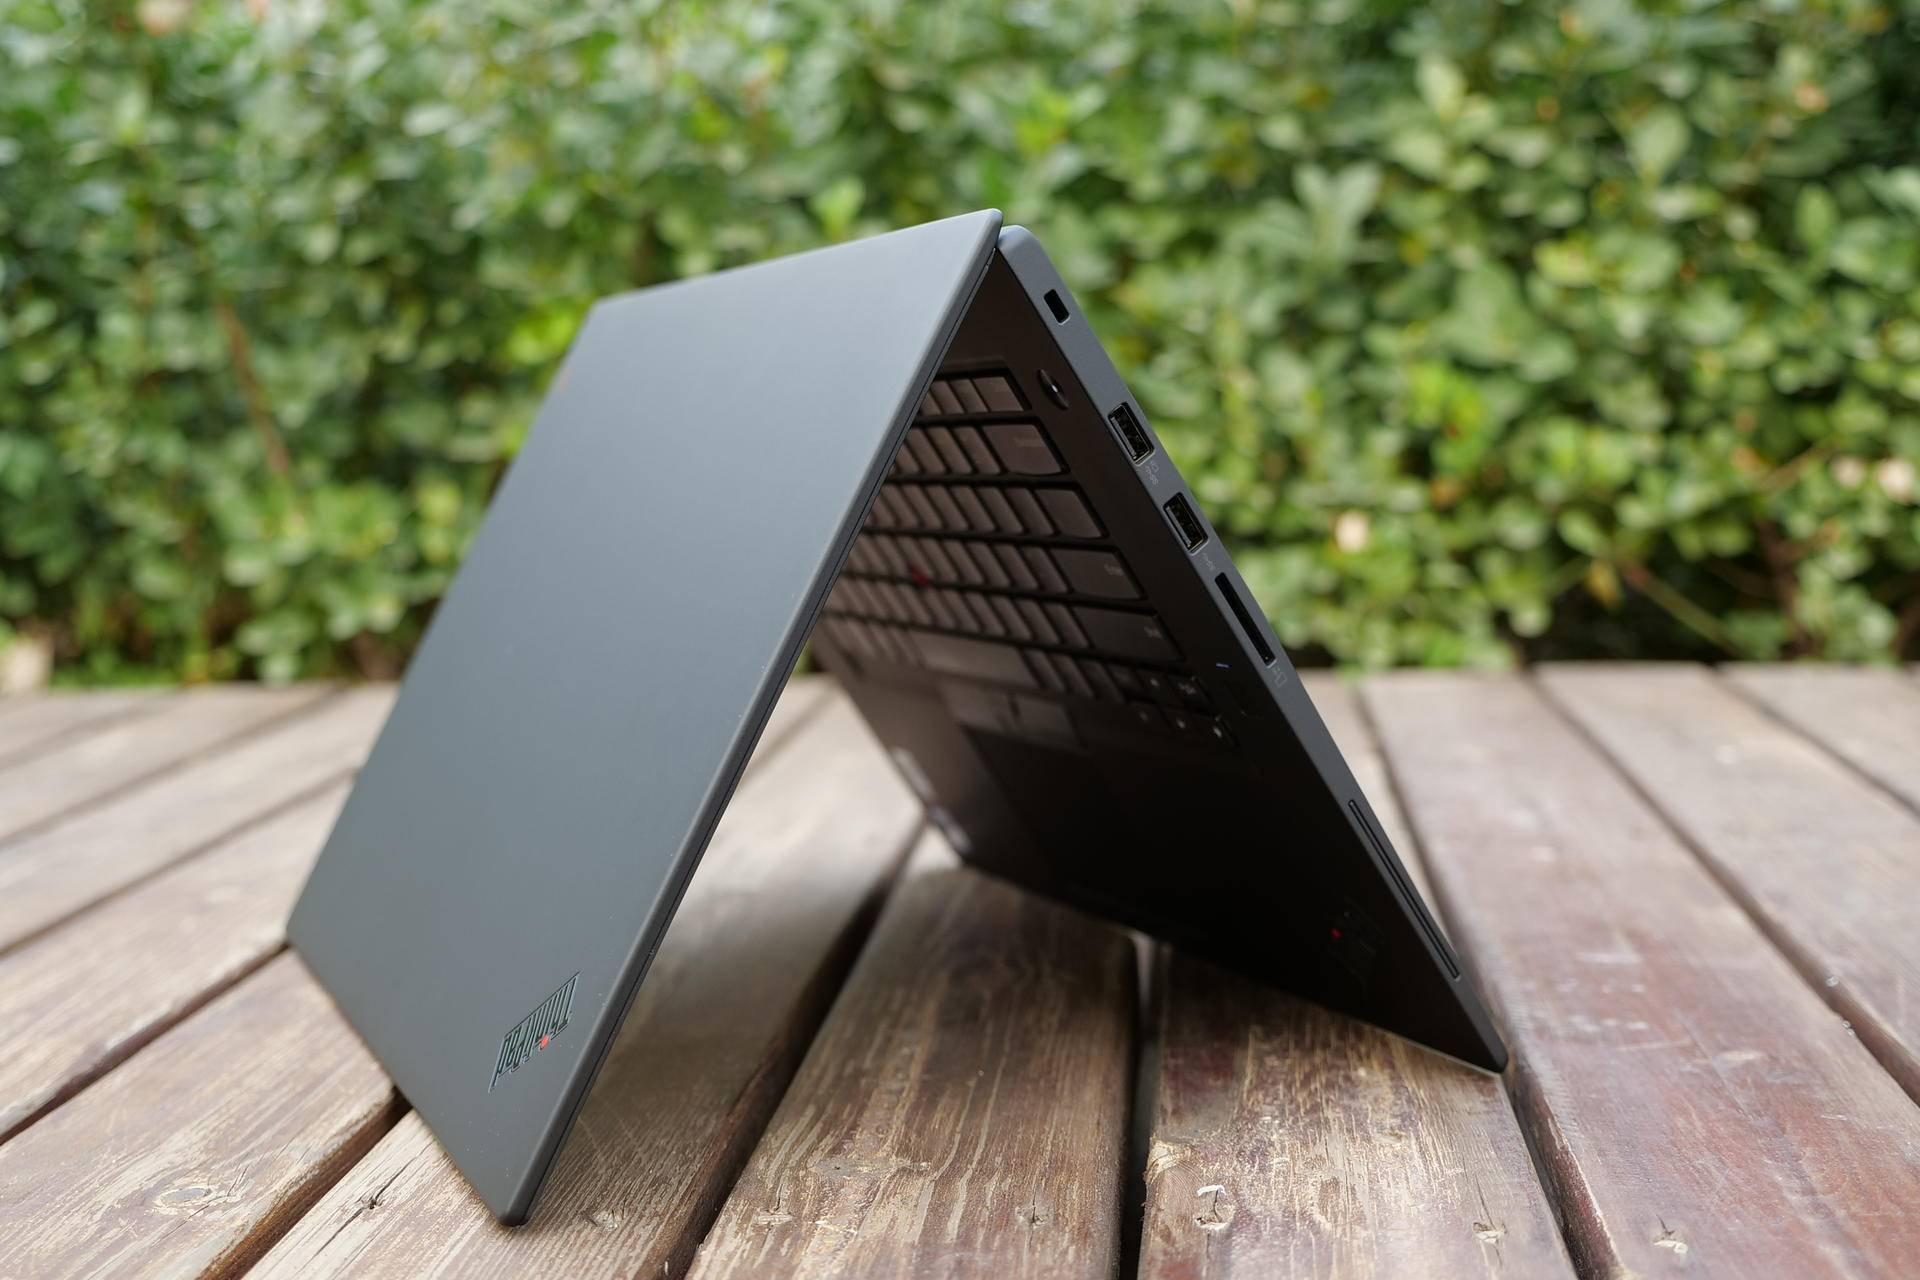 ThinkPad X1 隐士:找到了高性能和便携之间平衡点的照片 - 5